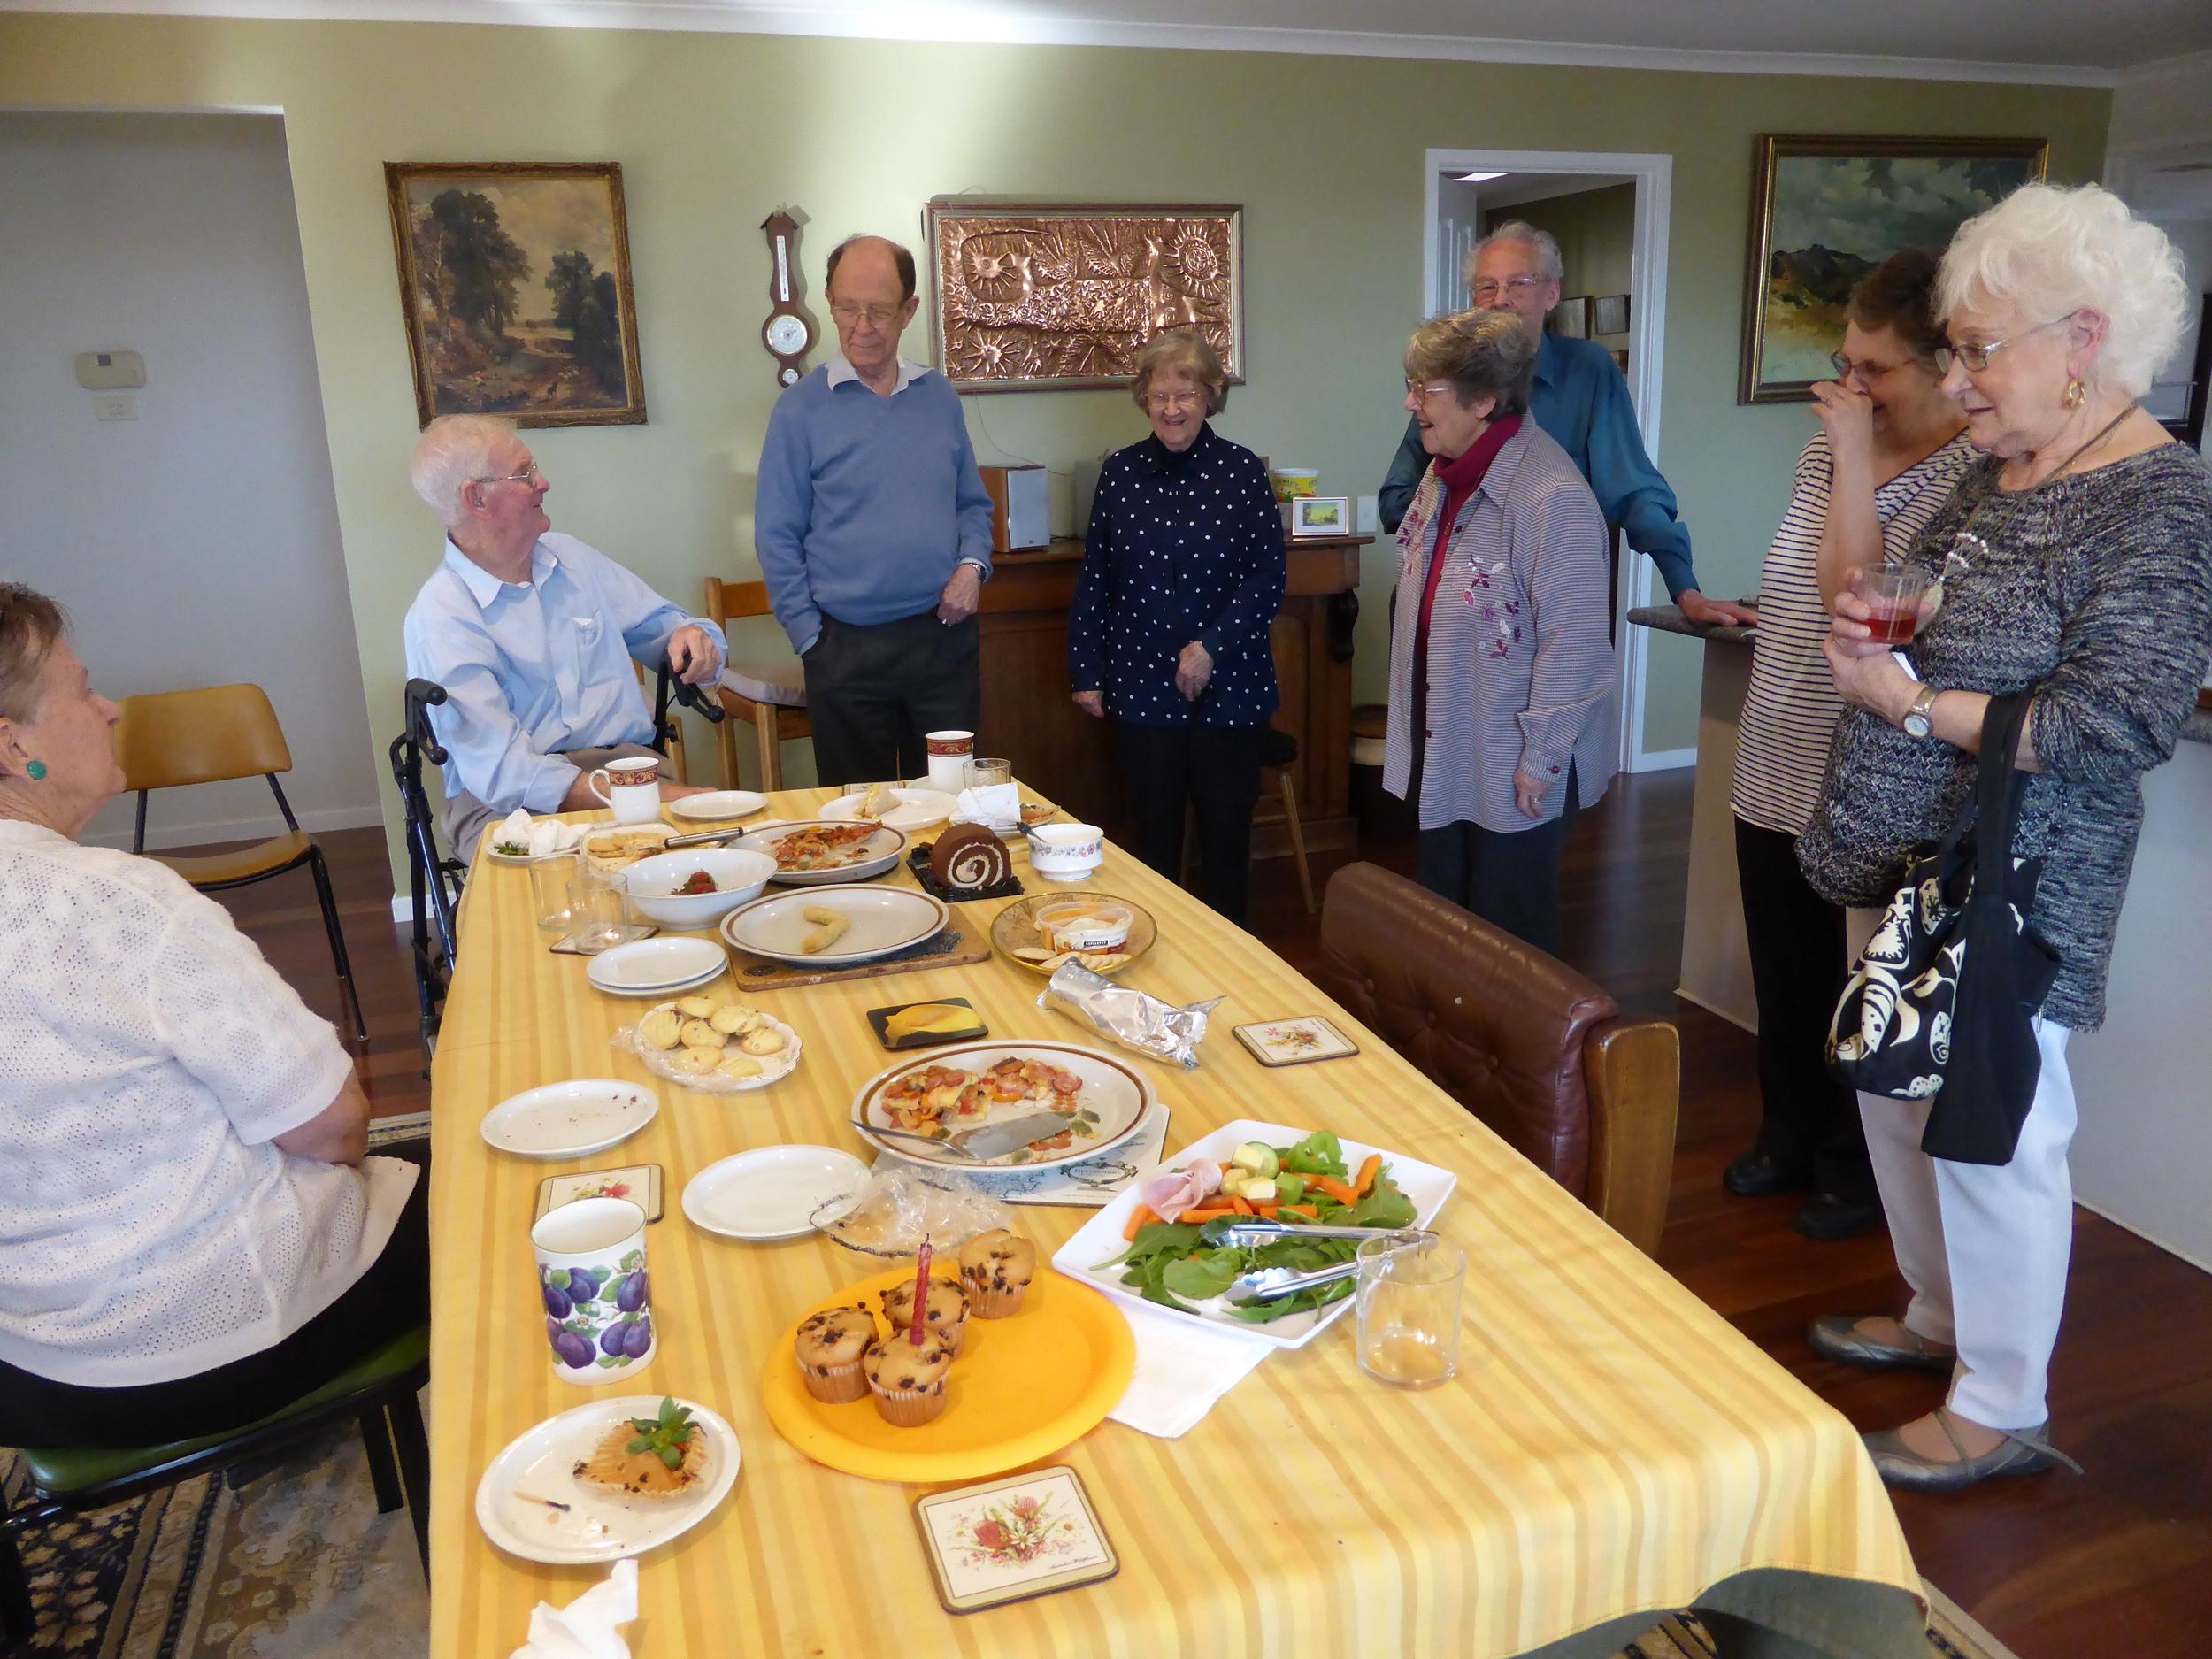 Home visit Foleys' Sept 21st 2014 0013 (6).JPG